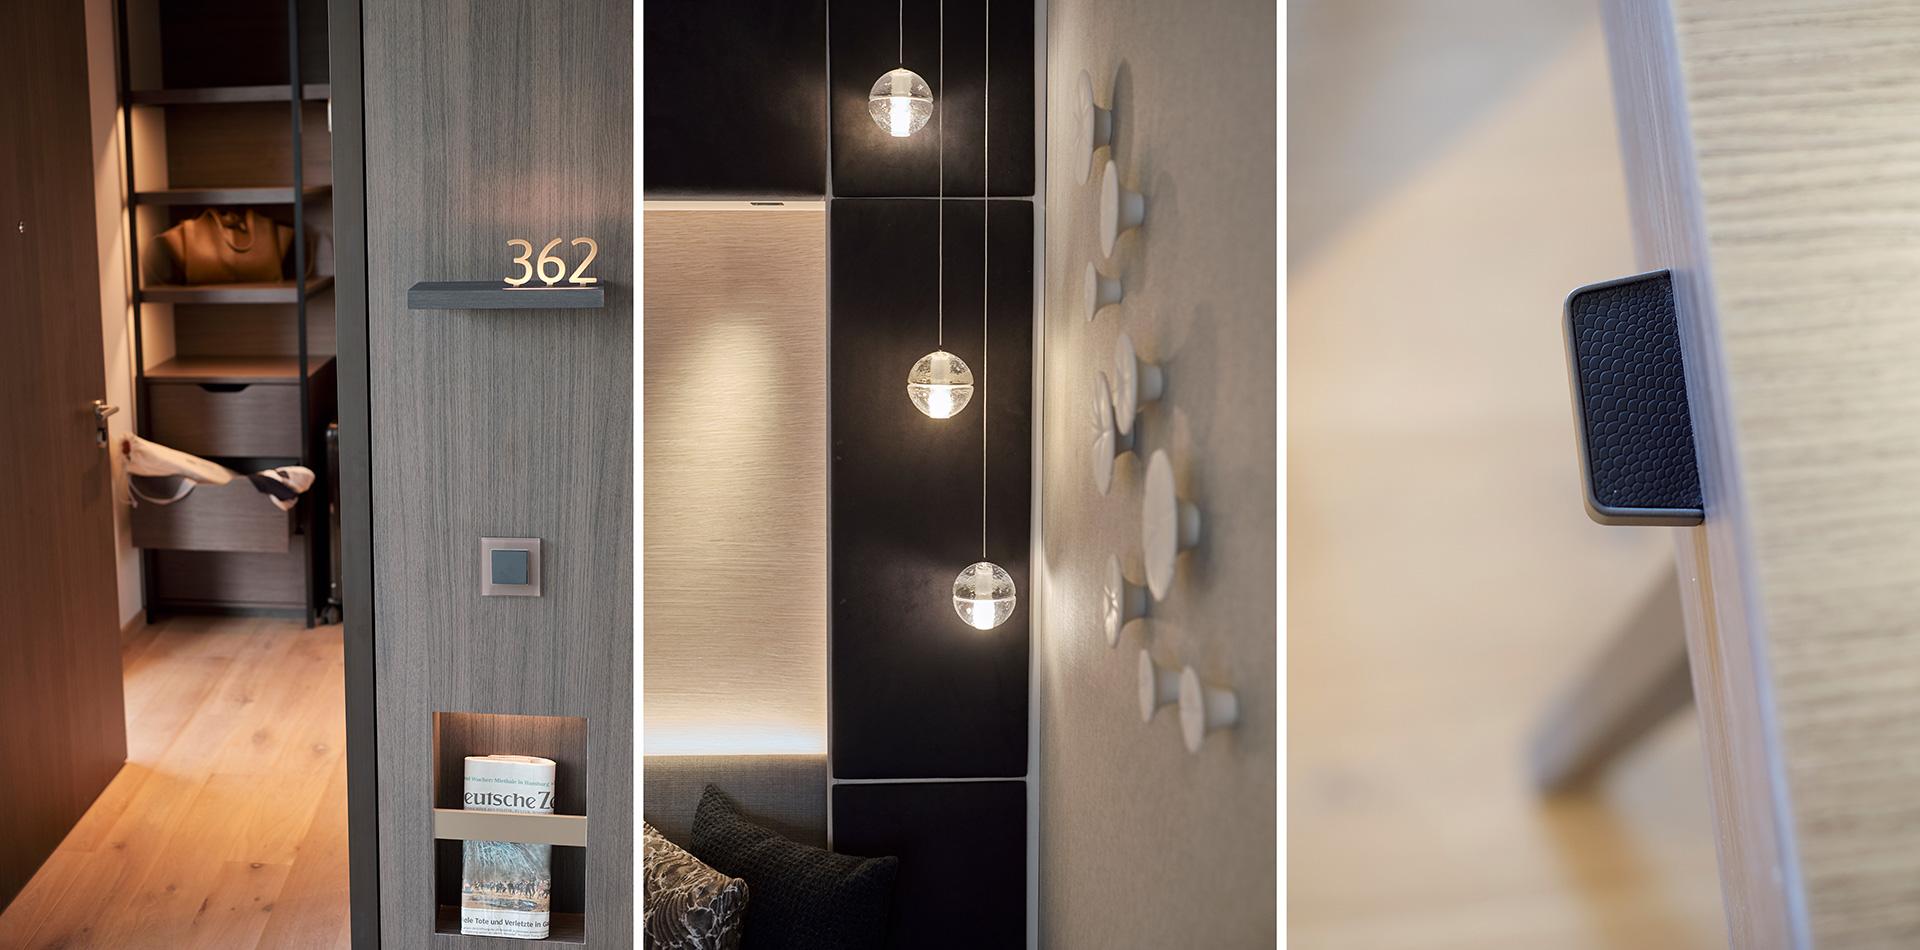 Detailsansichten aus dem Hotel Der Öschberghof in Donaueschingen. Entworfen von JOI-Design.